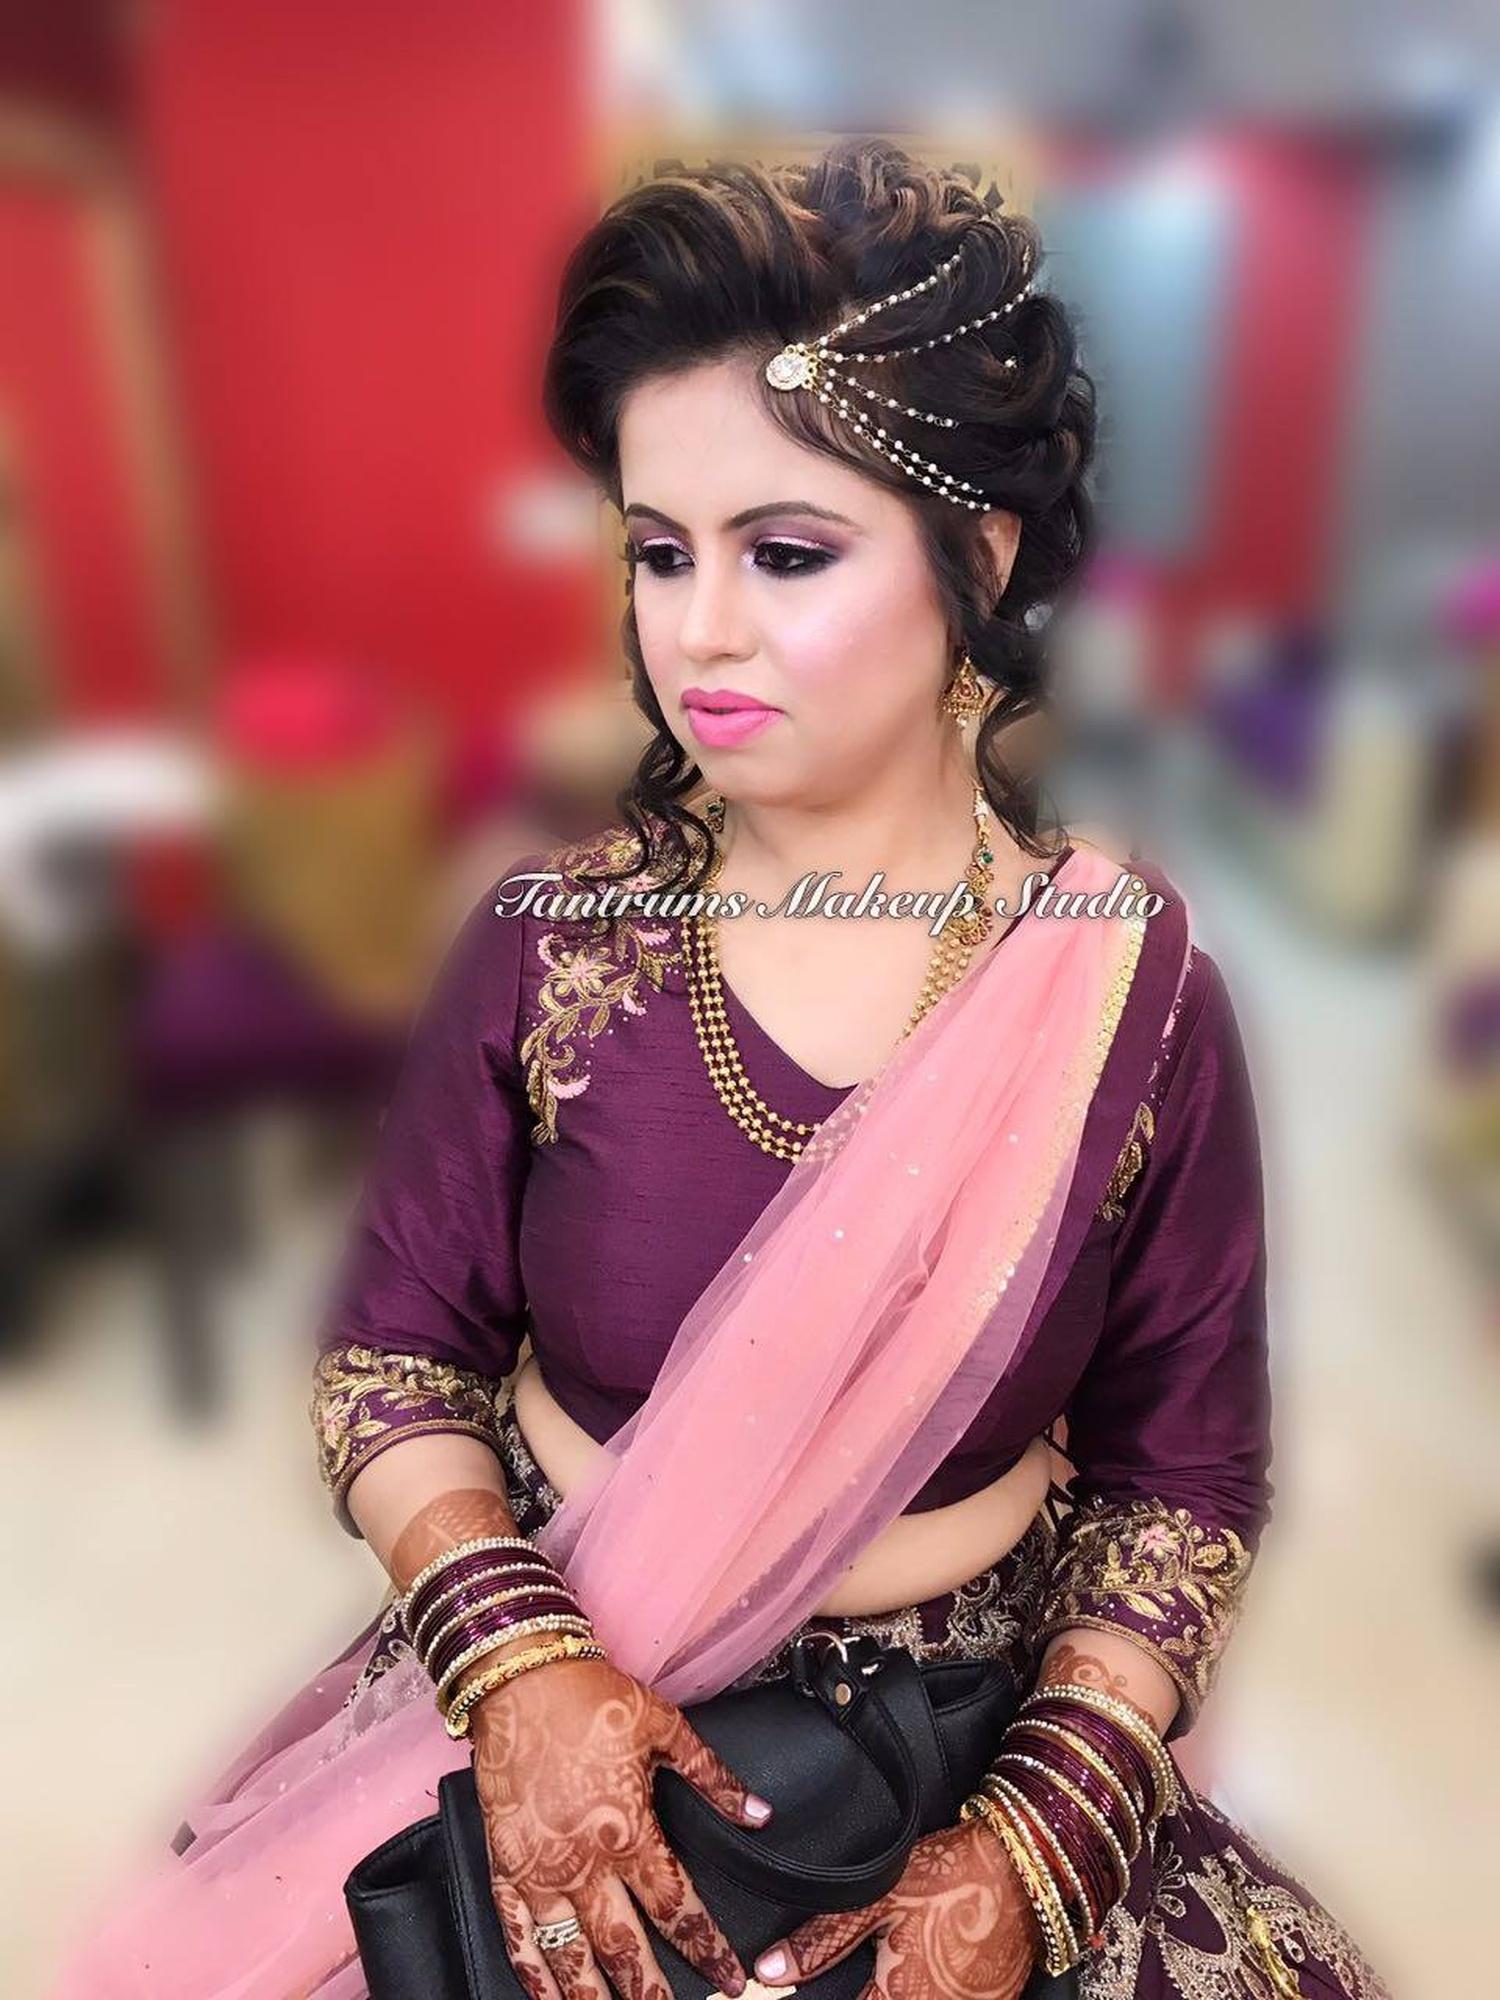 Tantrums Makeup Studio, Bridal Makeup Artist in Patel Nagar, Delhi ...